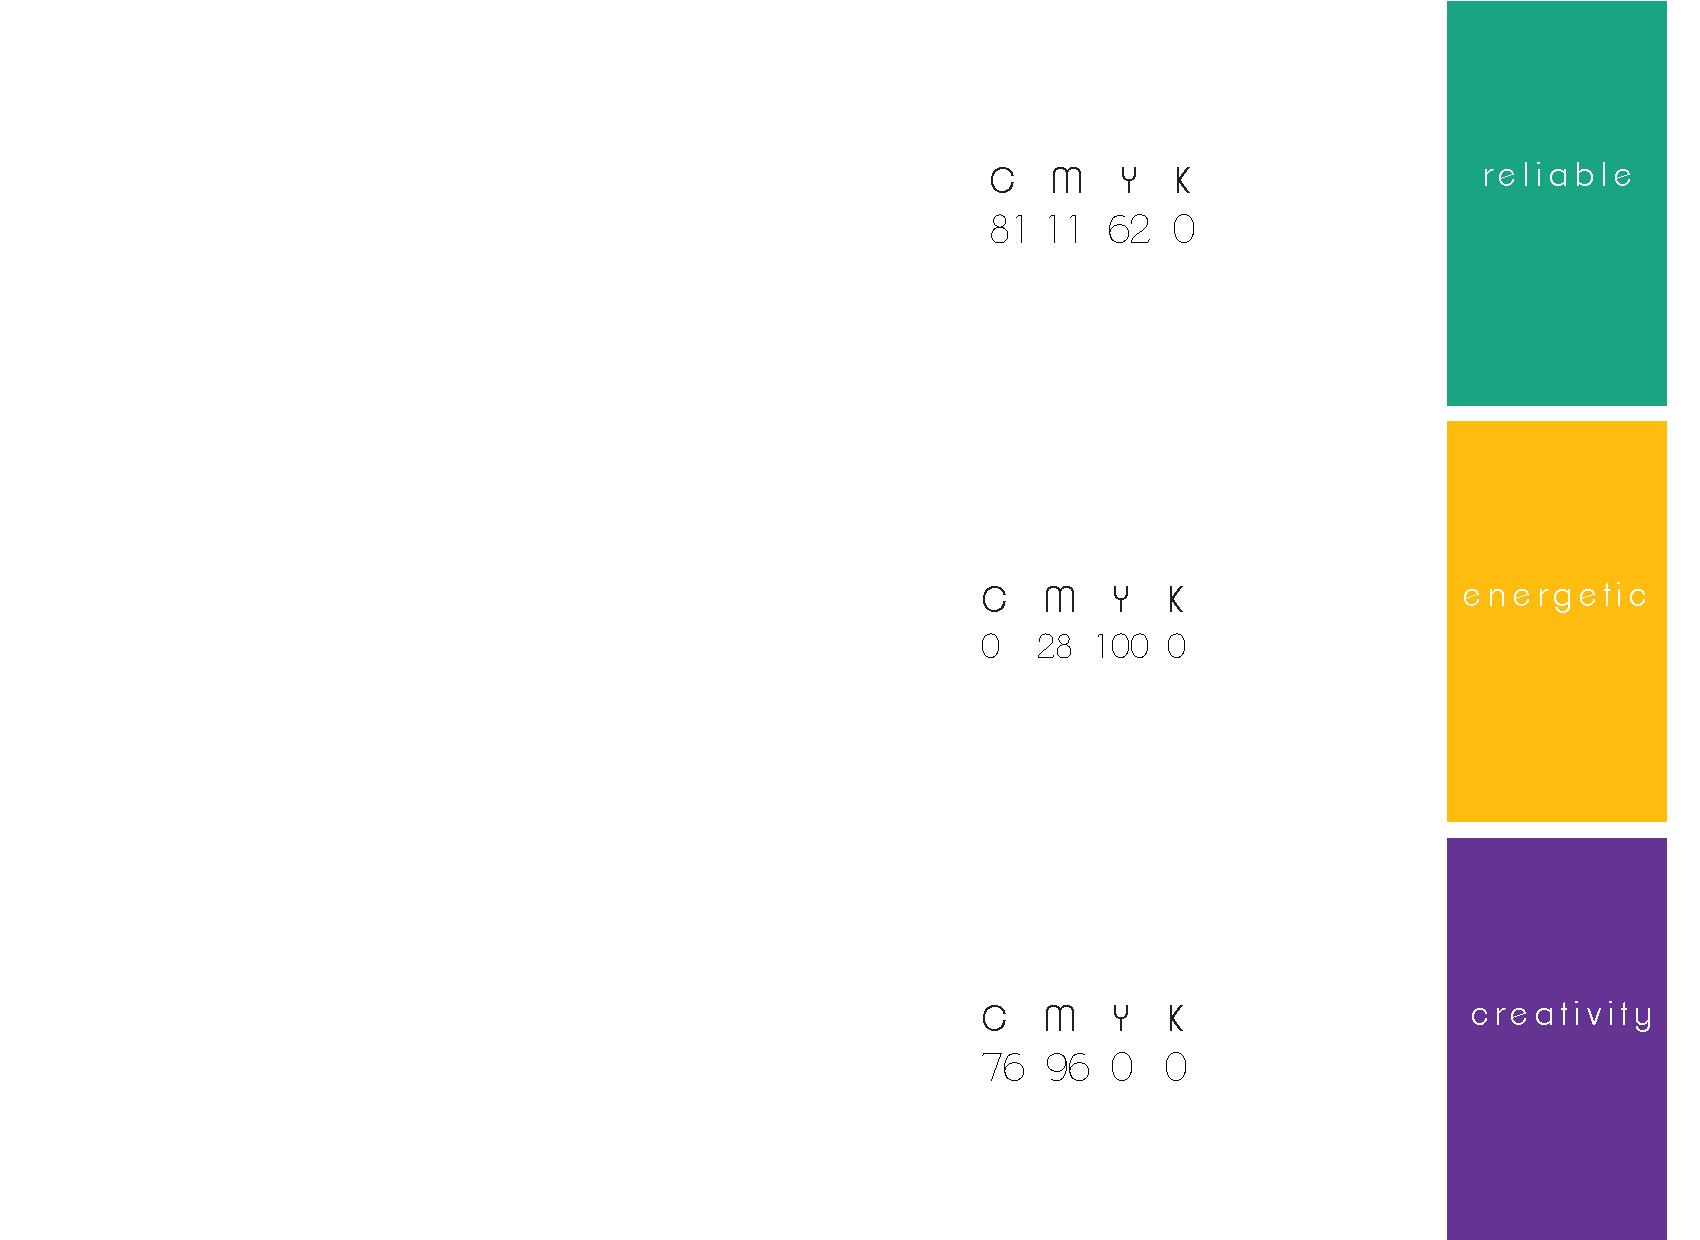 Brandbookfinal_Page_21.png